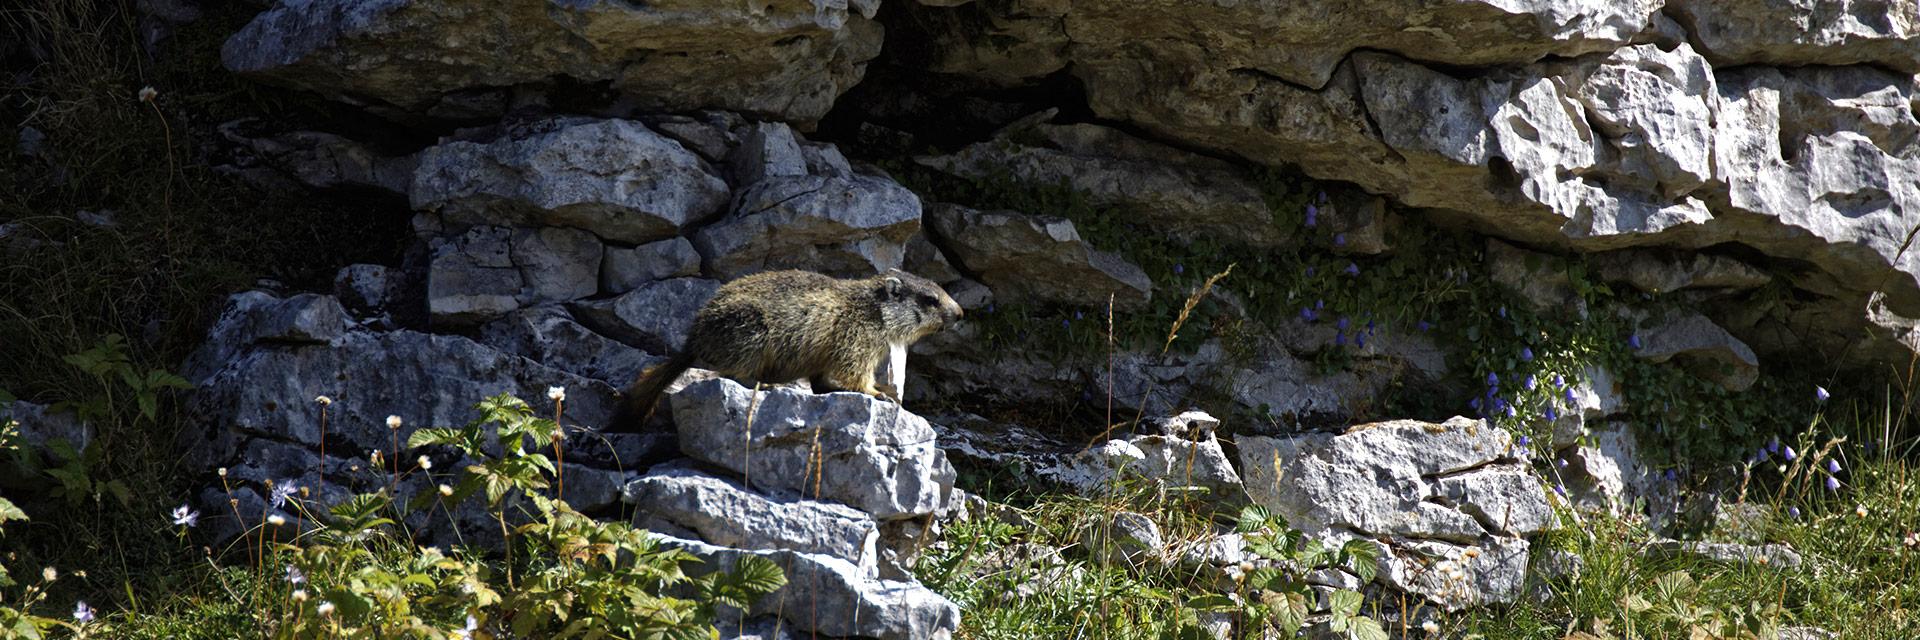 village-vacances-cap-france-font-durle-marmote-montagne